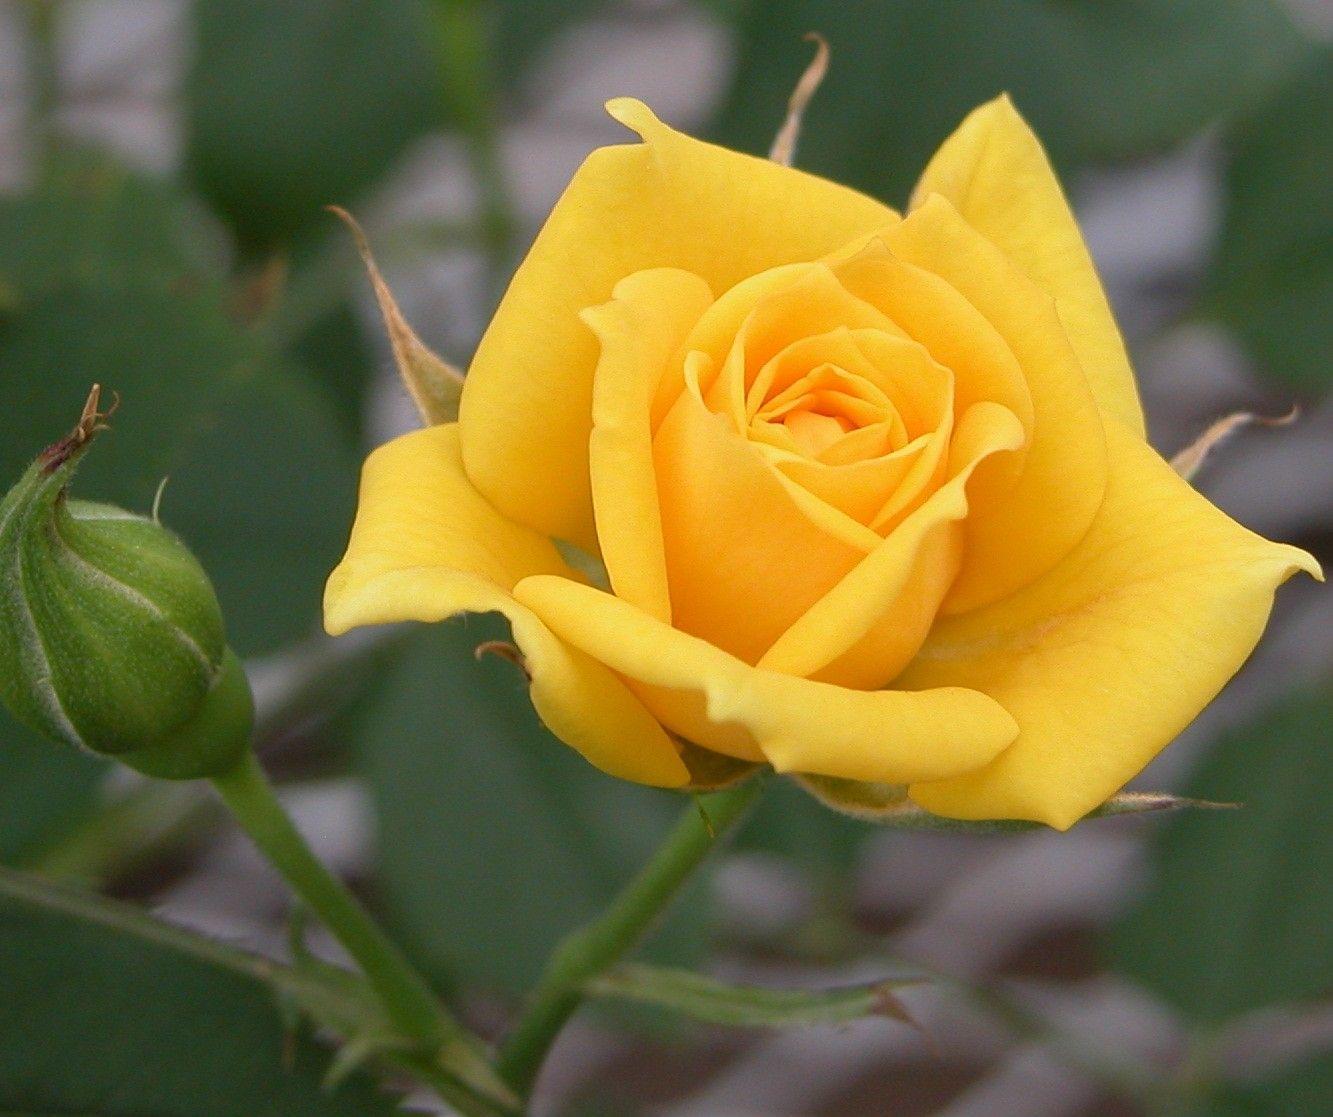 Hình ảnh hoa hồng vàng HD